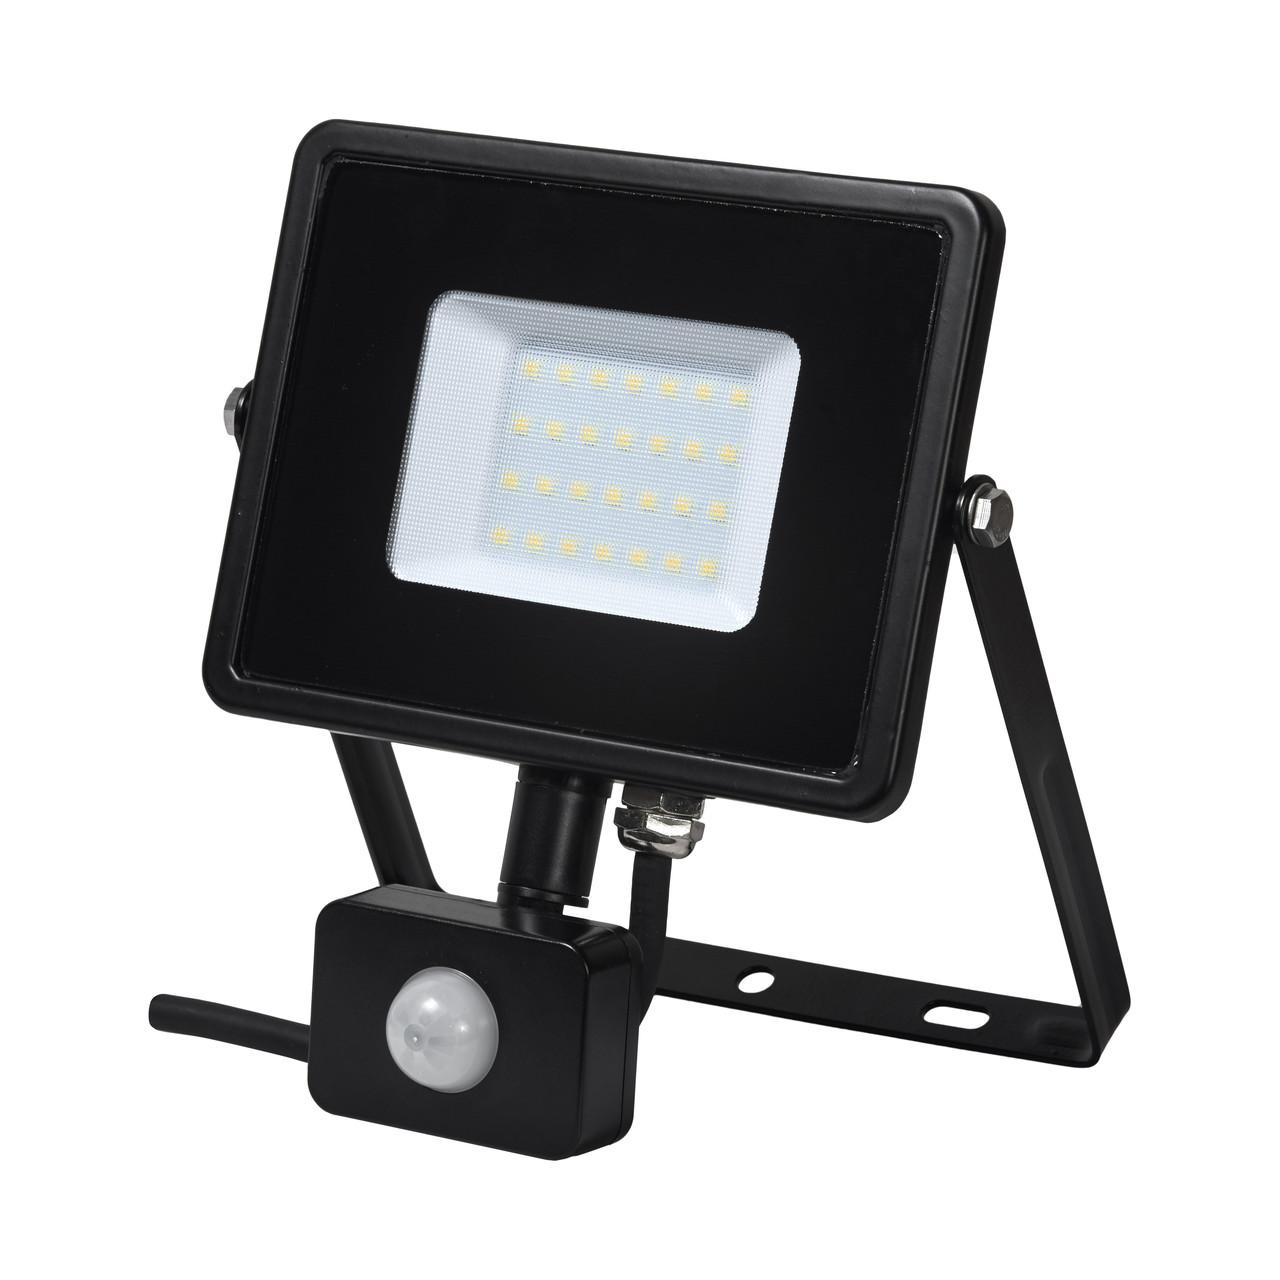 Прожектор світлодіодний DELUX FMI 10 S LED 30Вт 6500K з датчиком руху